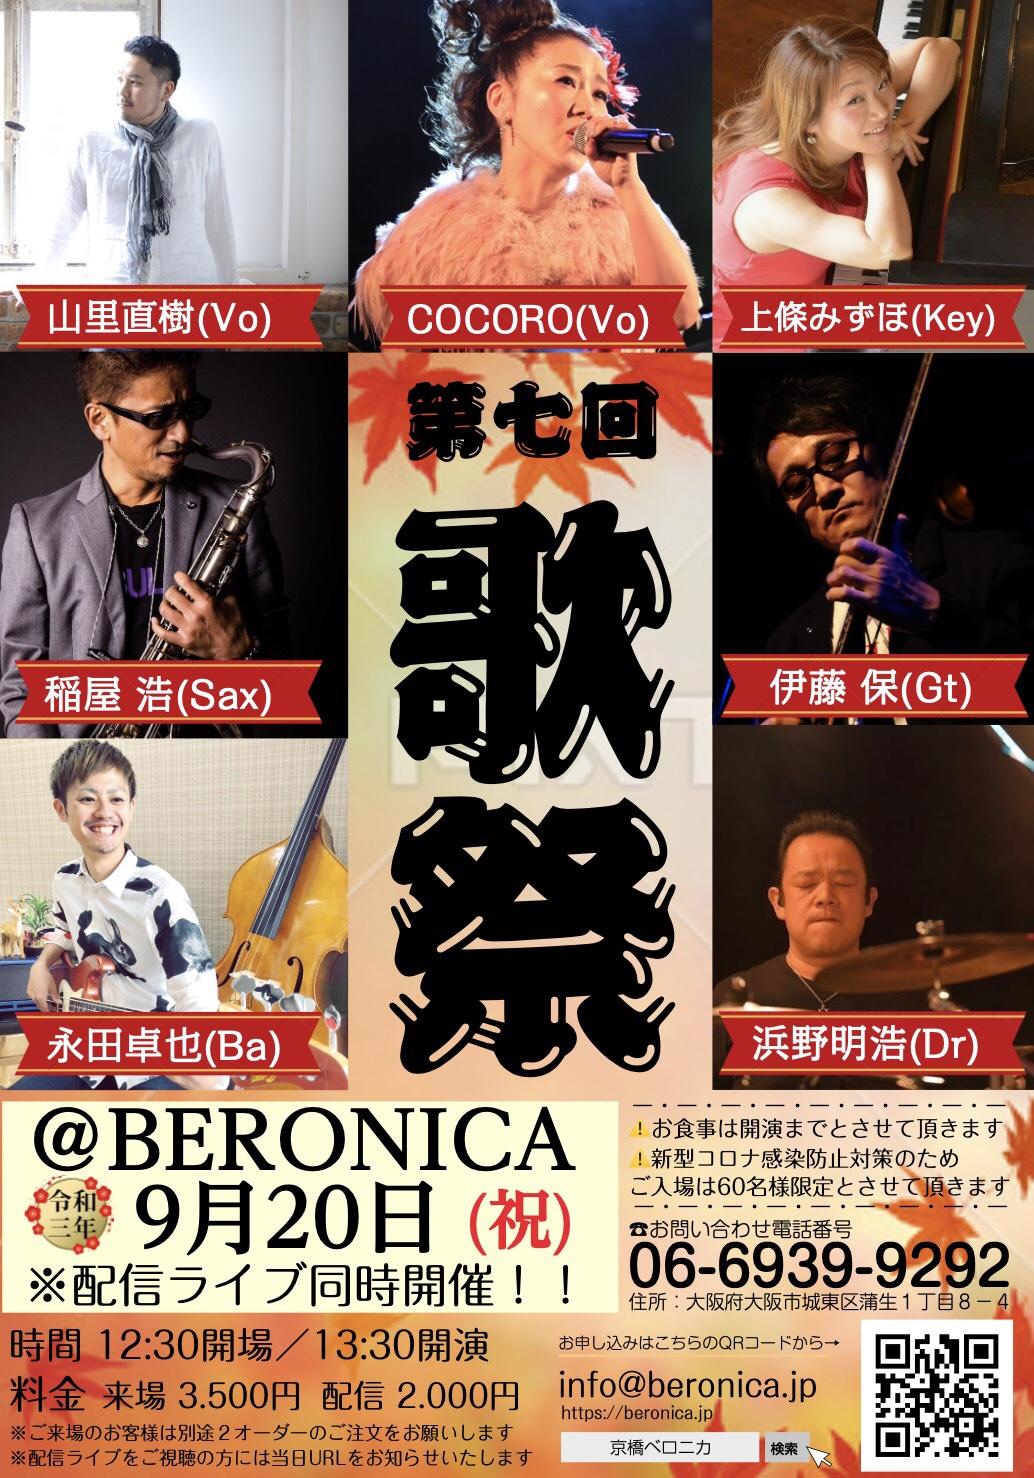 9月20日開催 【第七回 歌祭】